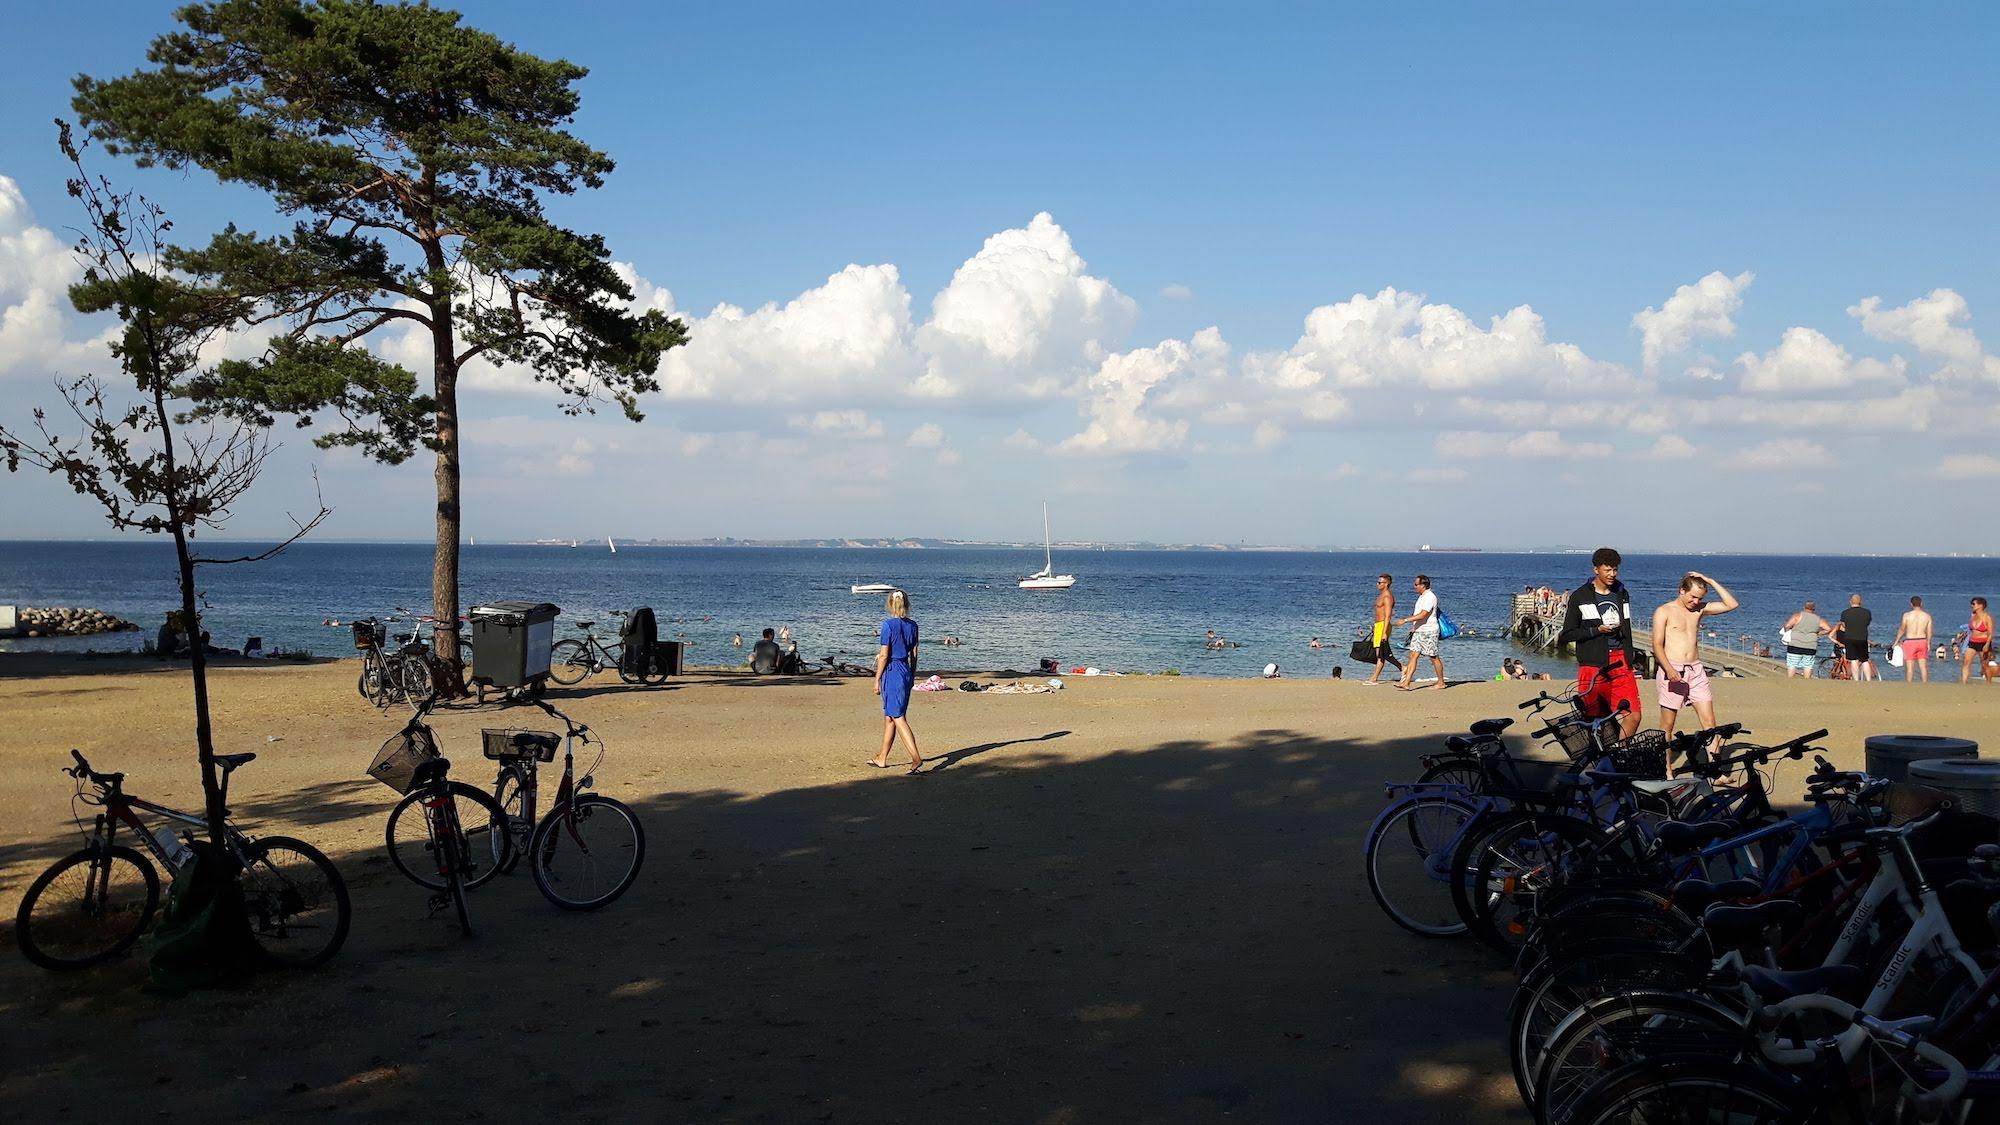 Beach in Denmark south of Helsingor